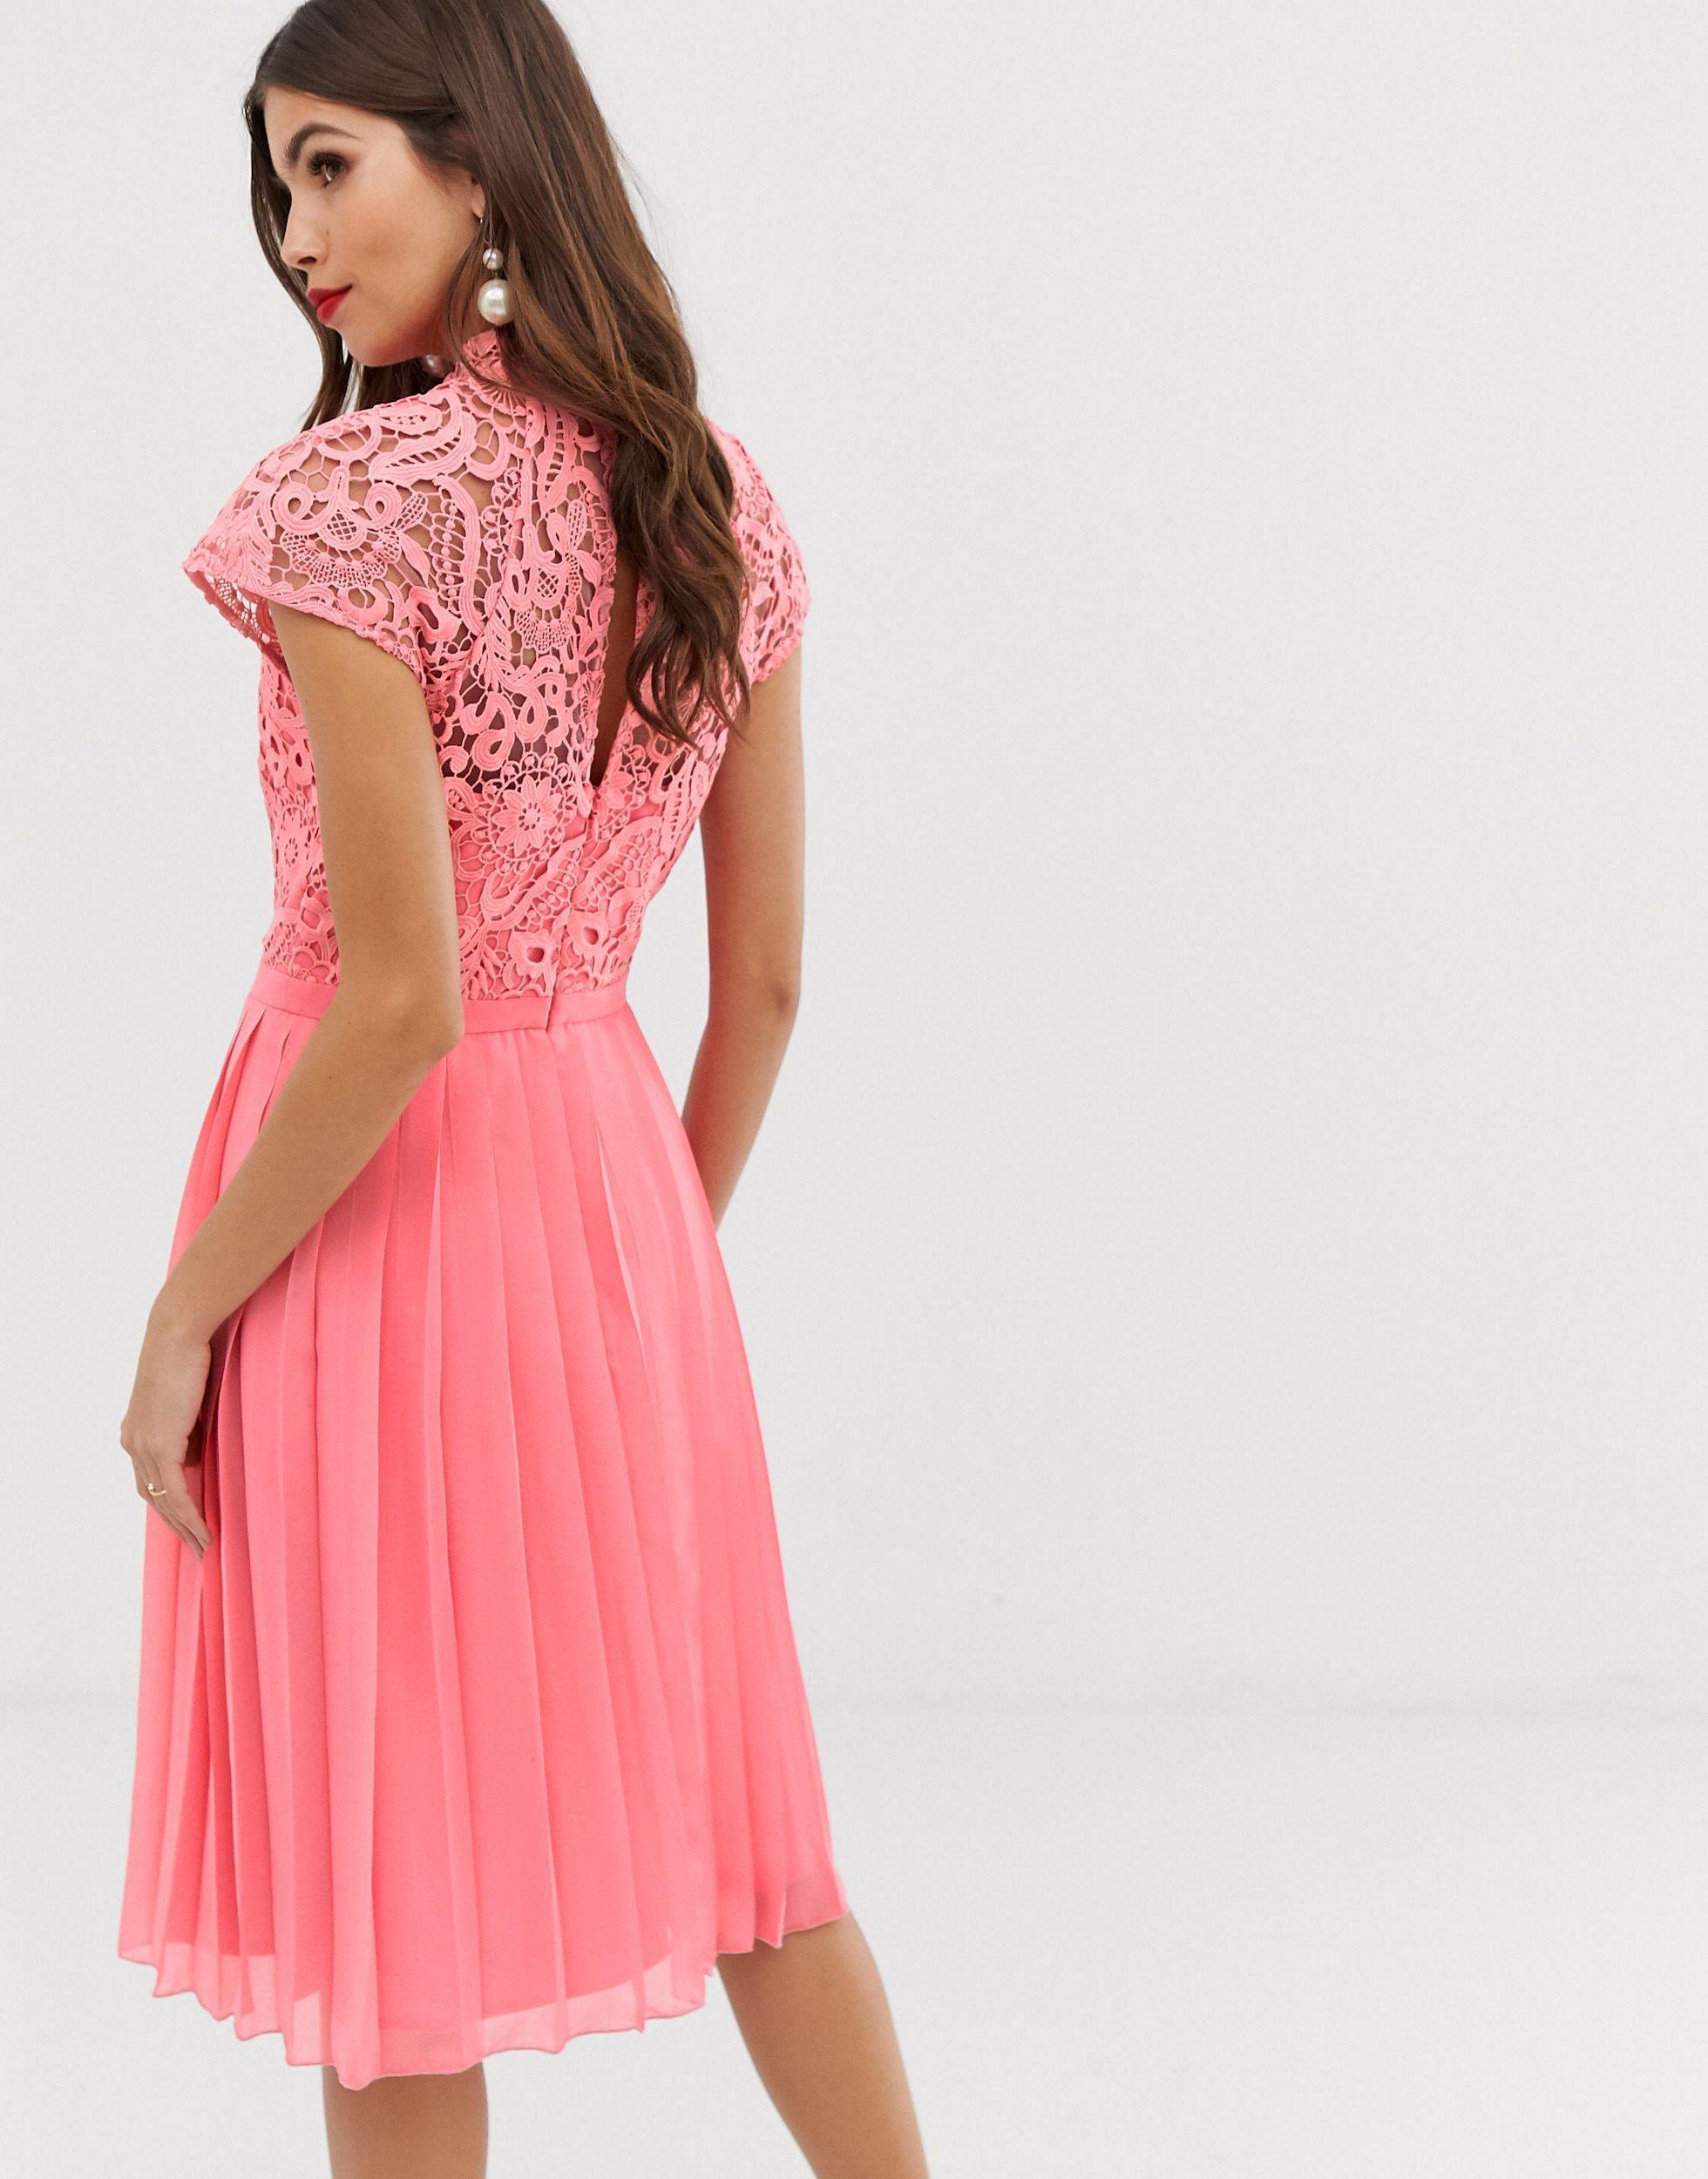 Robe mi-longue en dentelle à jupe plissée - Corail Dentelle Chi Chi London en coloris Rose